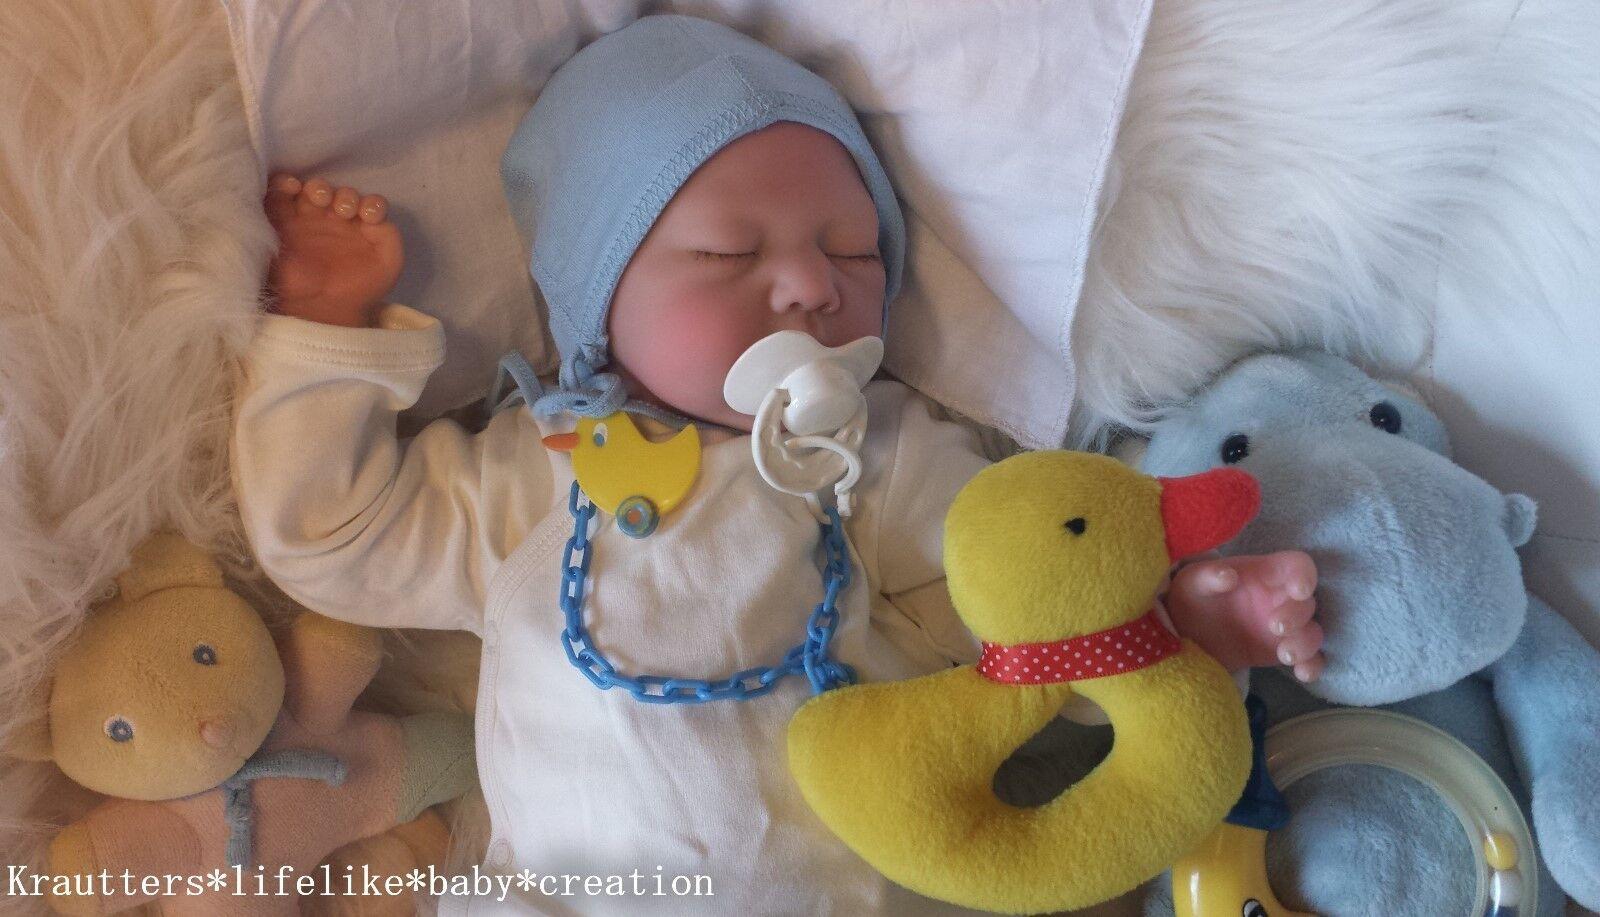 ✨ ♥Reborn Reallife Oster Baby Boy BS von U.L Krautter Babypuppe Künstlerpuppe♥✨